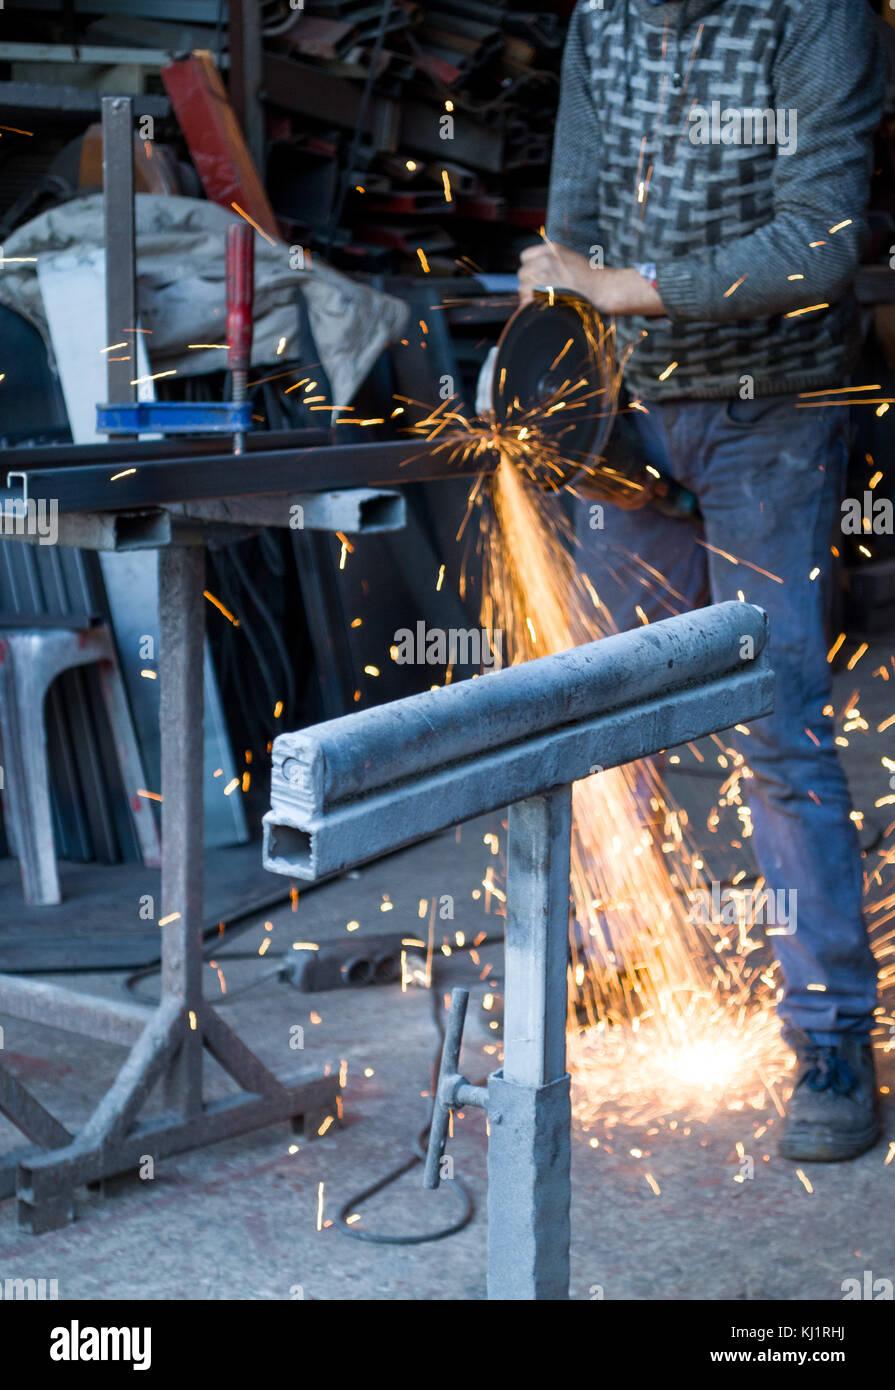 En el taller de corte de acero Foto de stock